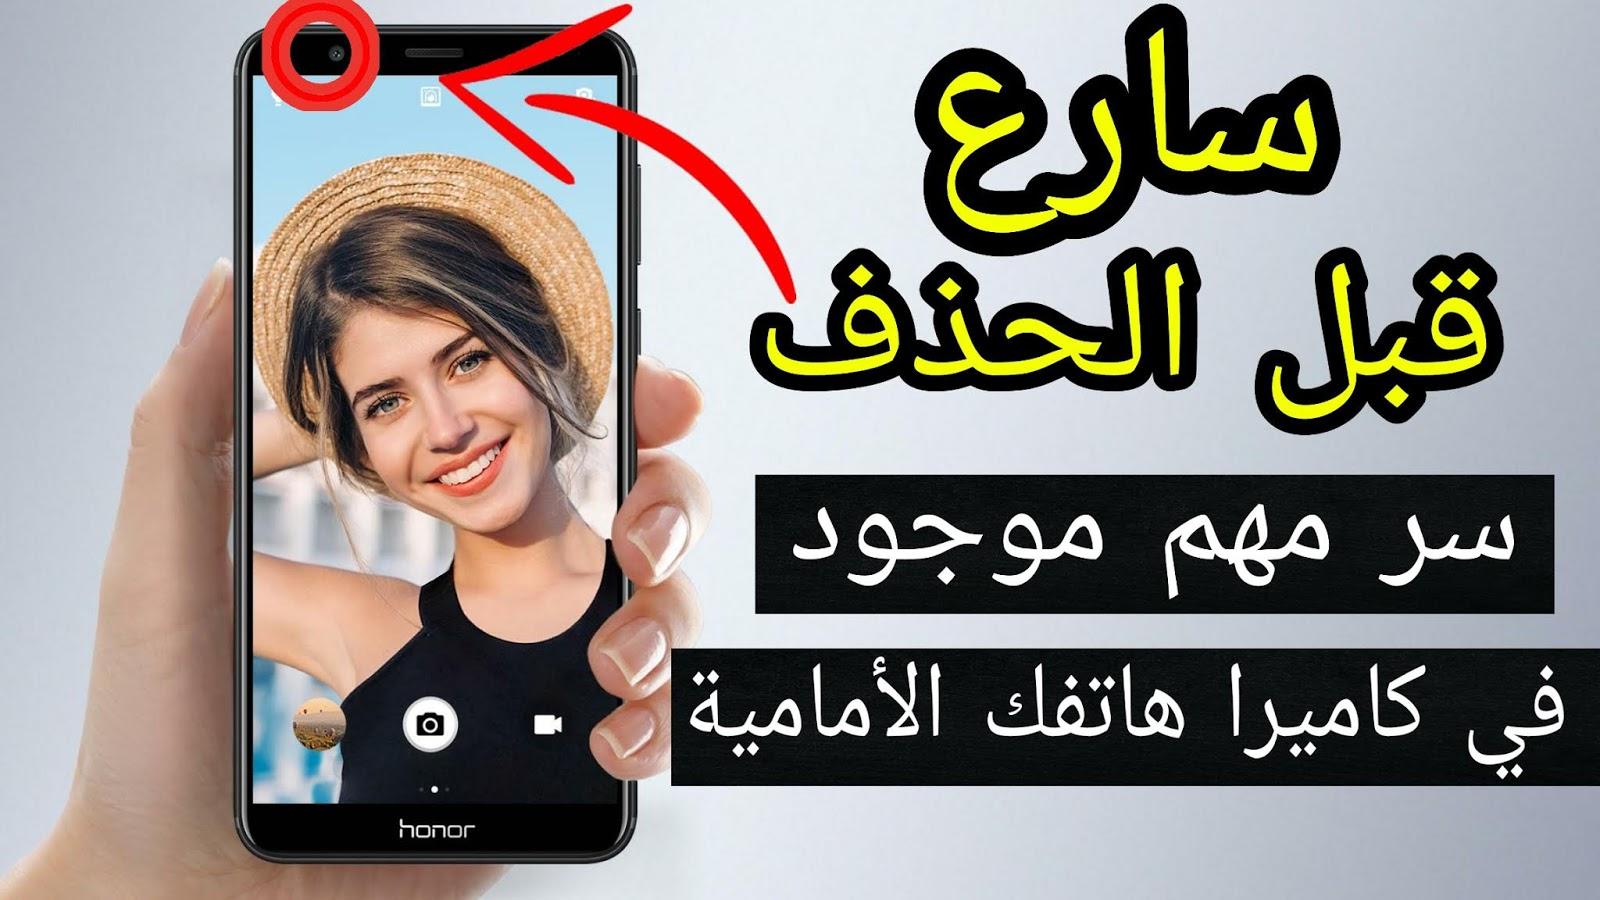 تصوير سارق الهاتف